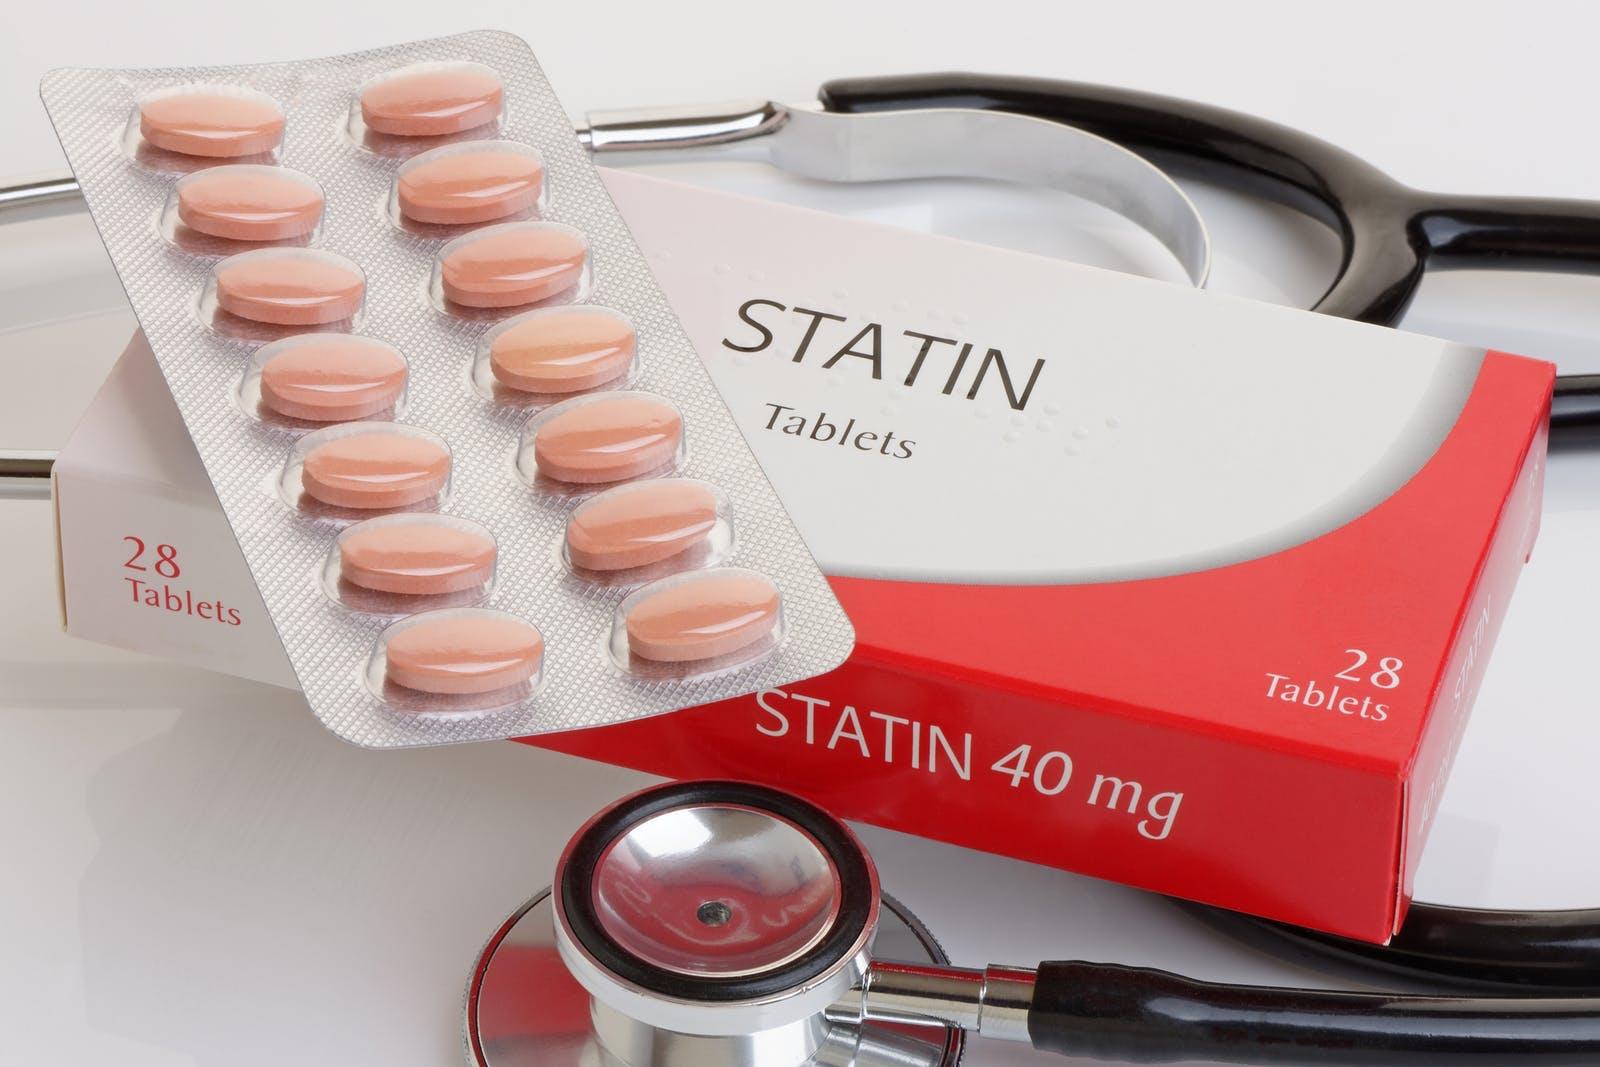 Orsakar kolesterol hjärtsjukdom? Nej, enligt ny studie